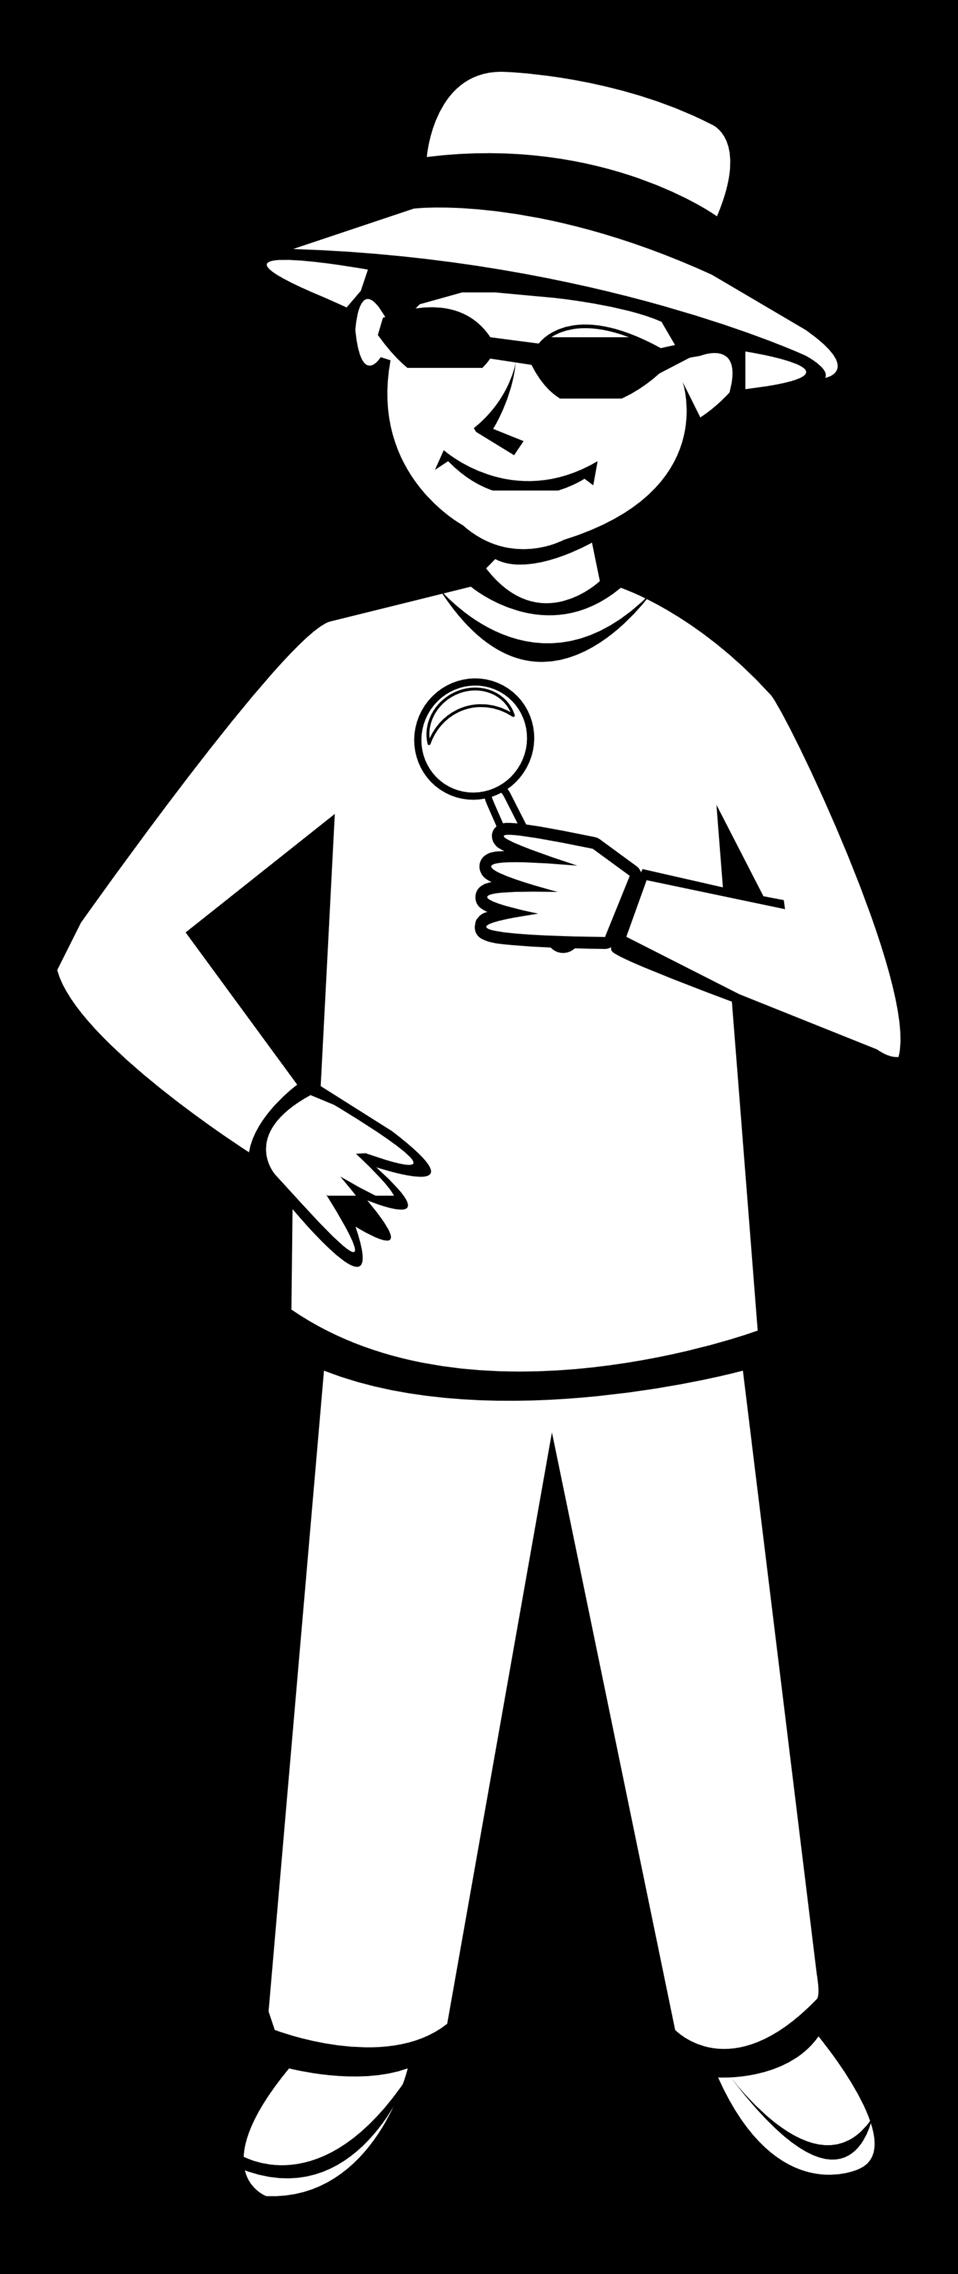 Public domain clip art. Clipart boy outline